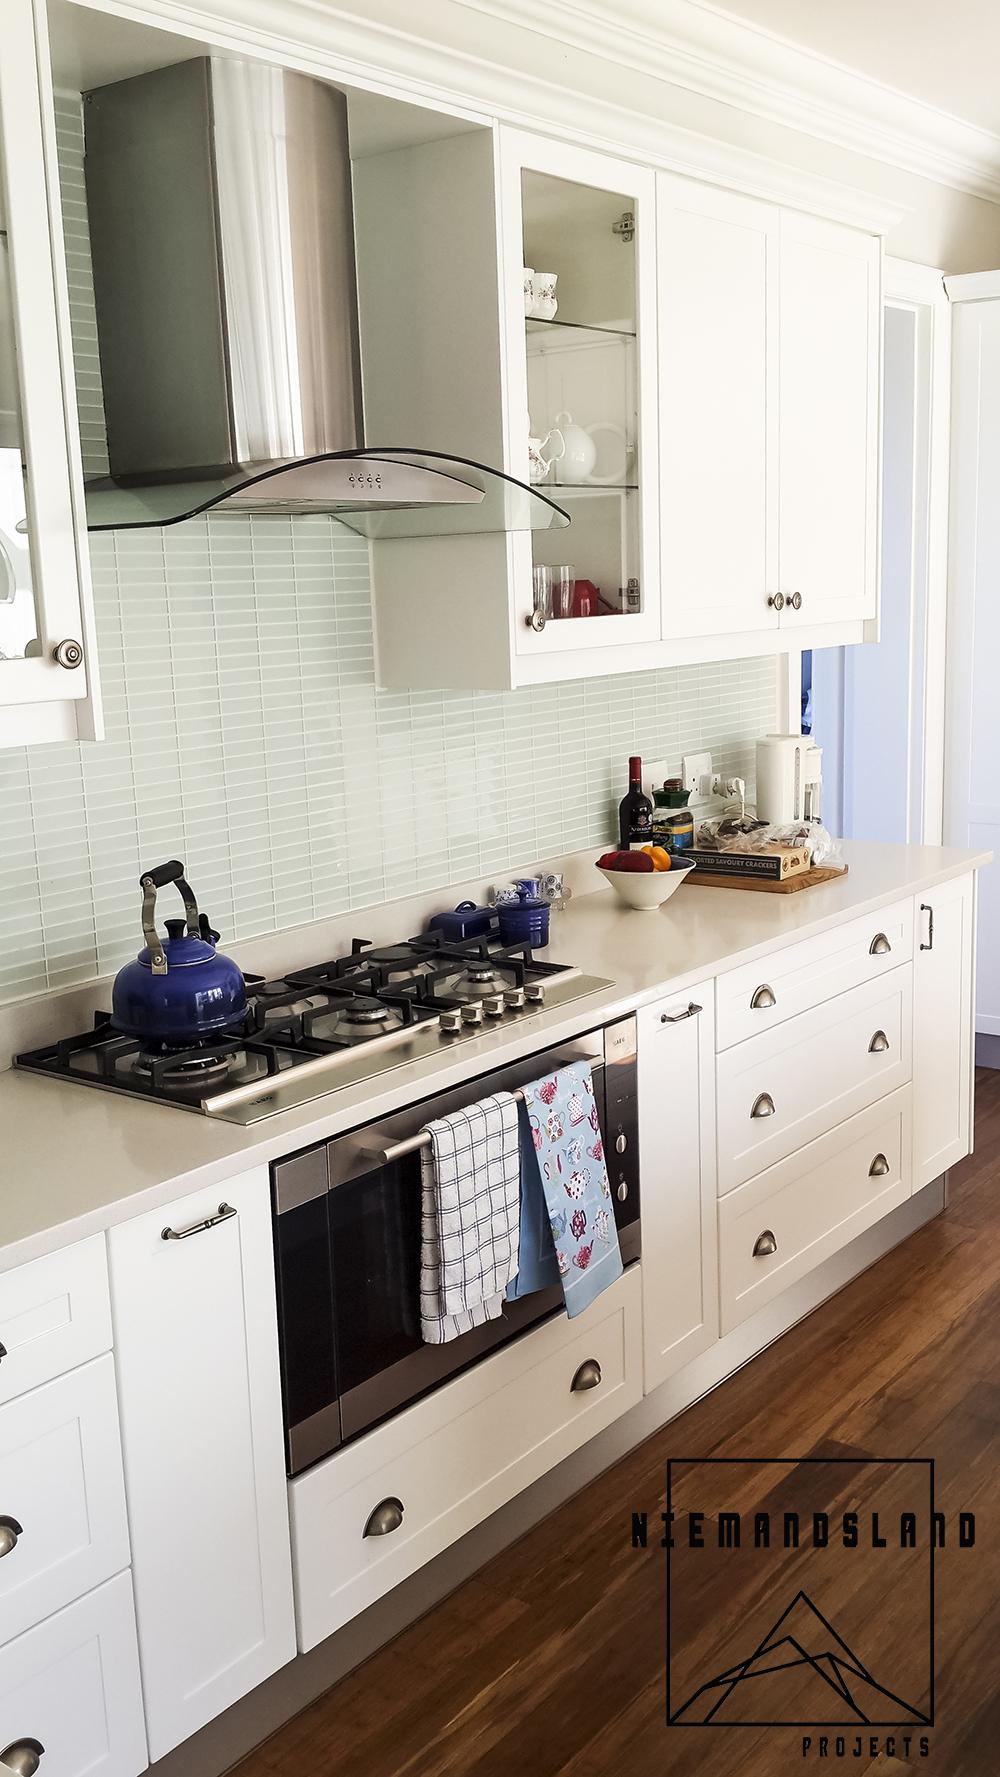 Niemandsland - Cadan cupboards - Cupboards